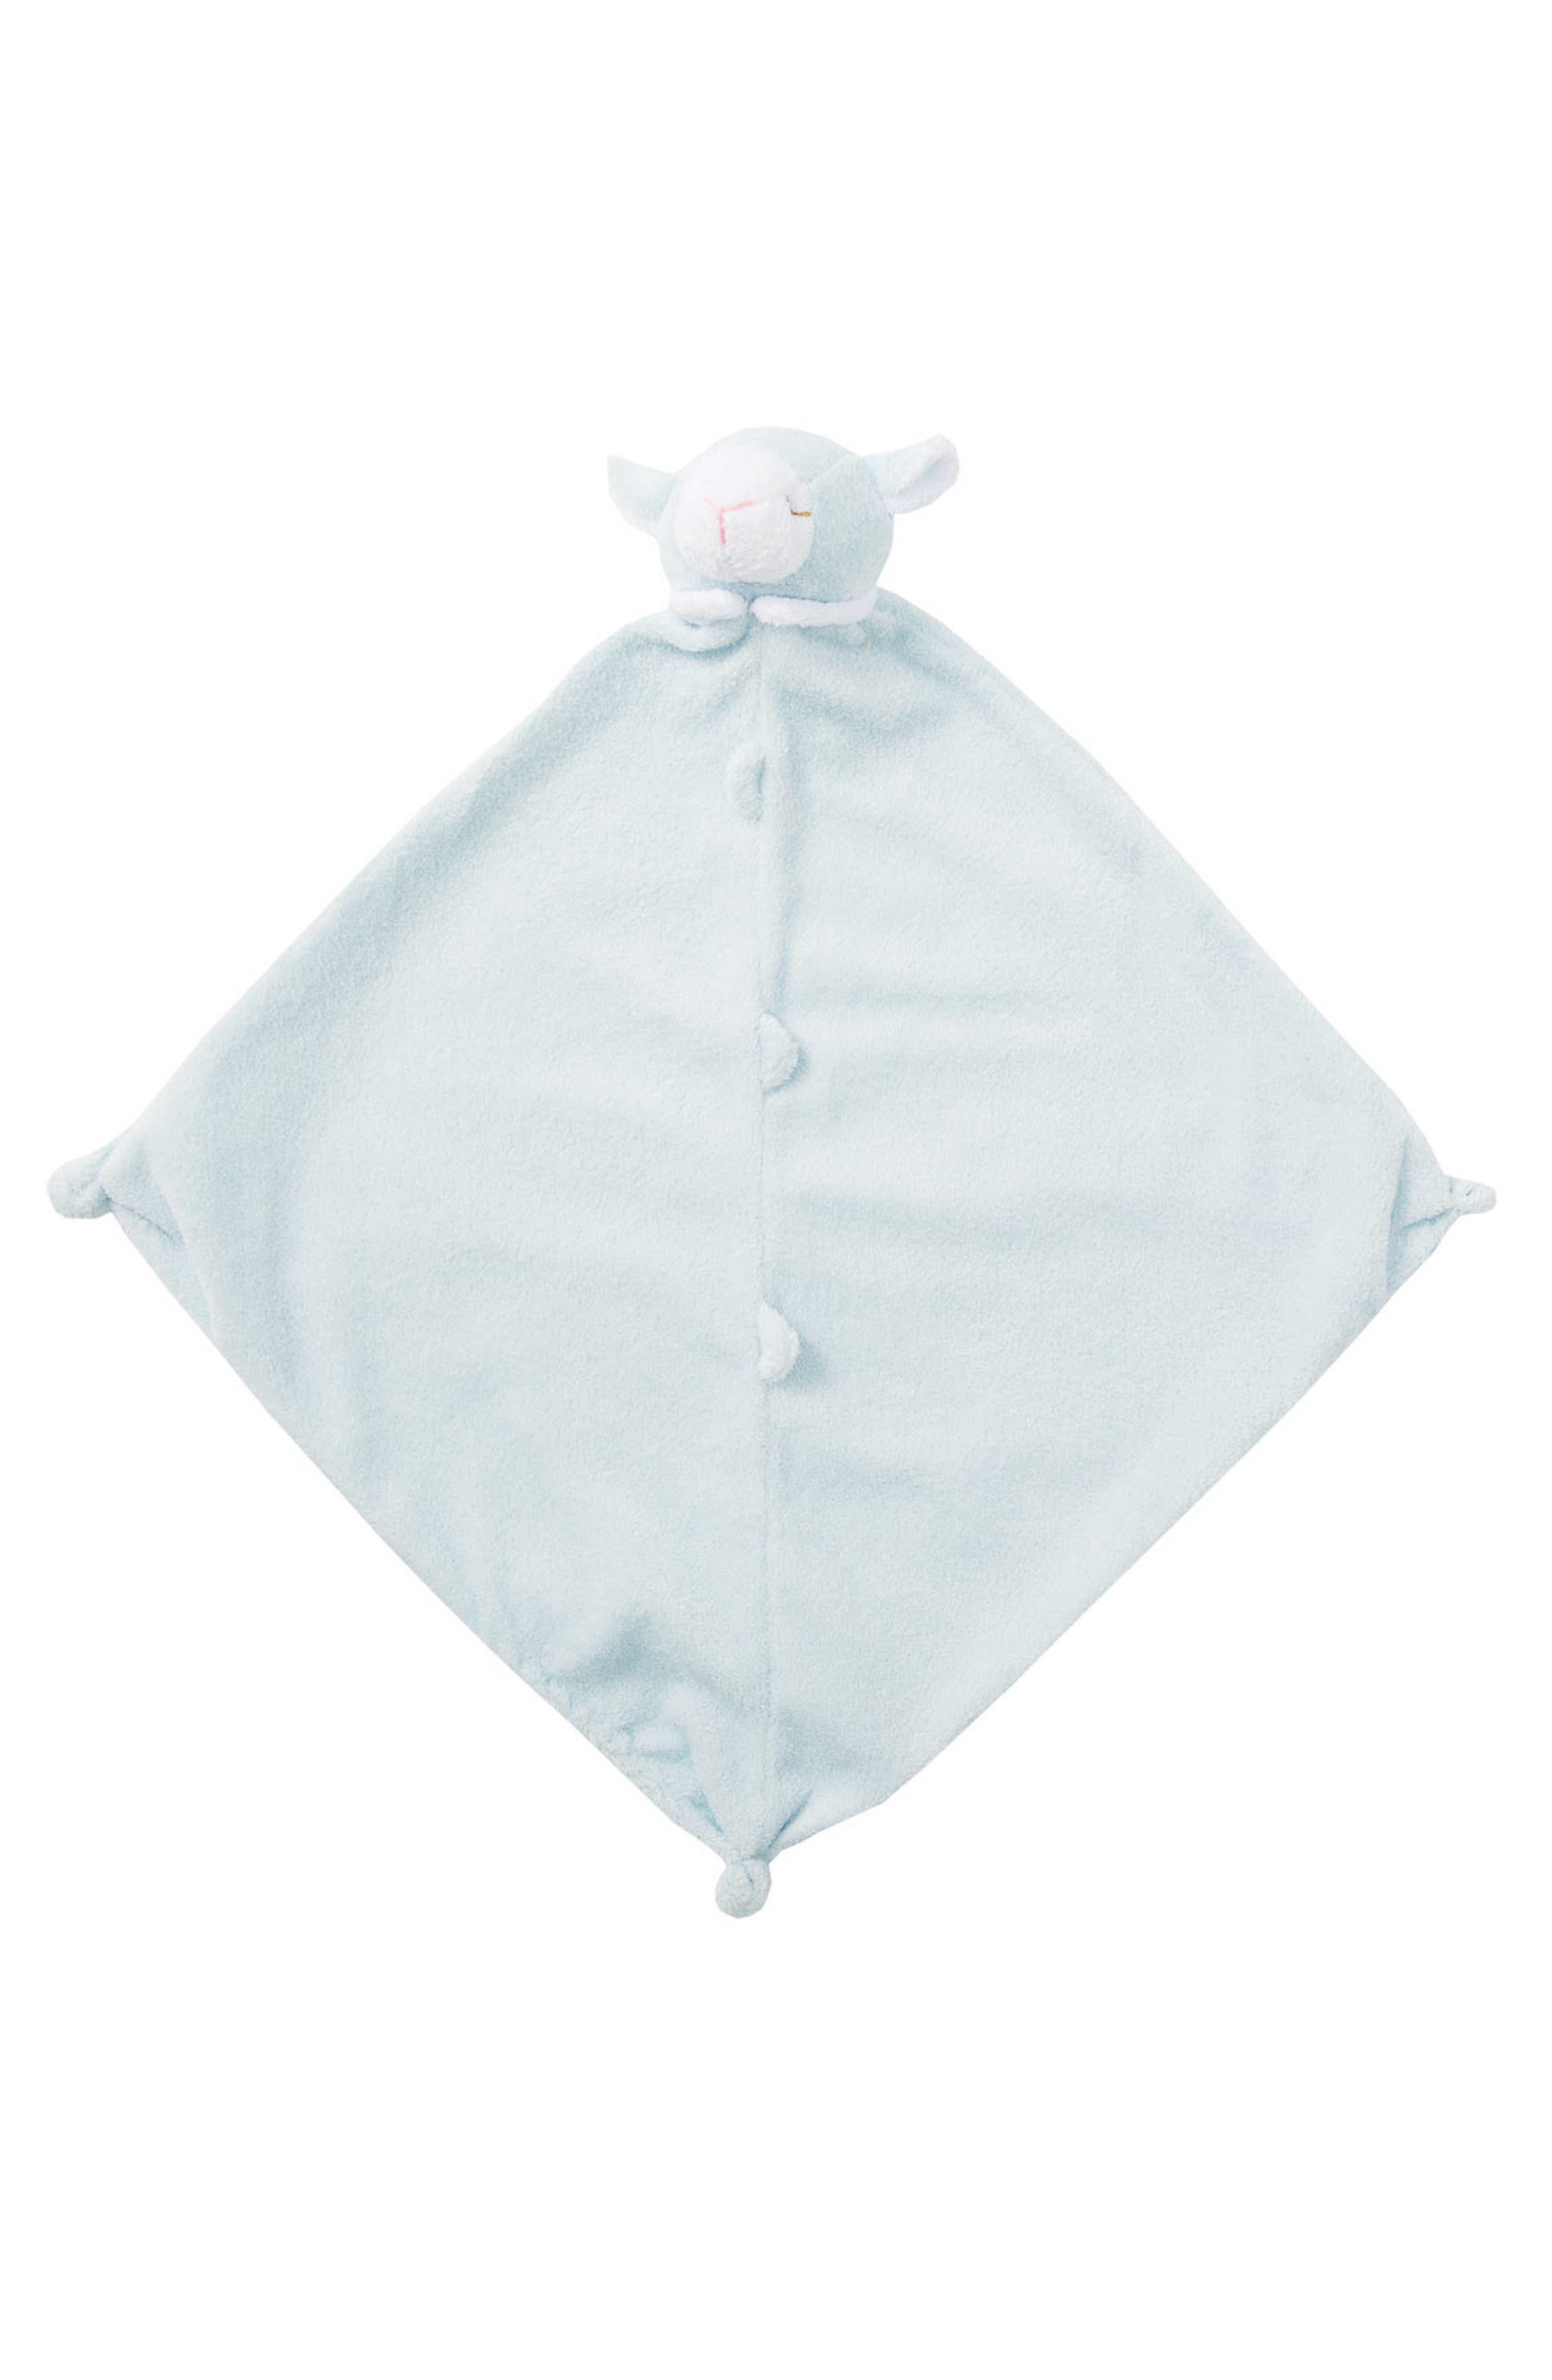 Lamb Jacquard Blanket & Blankie Set,                             Alternate thumbnail 4, color,                             Blue Sheep